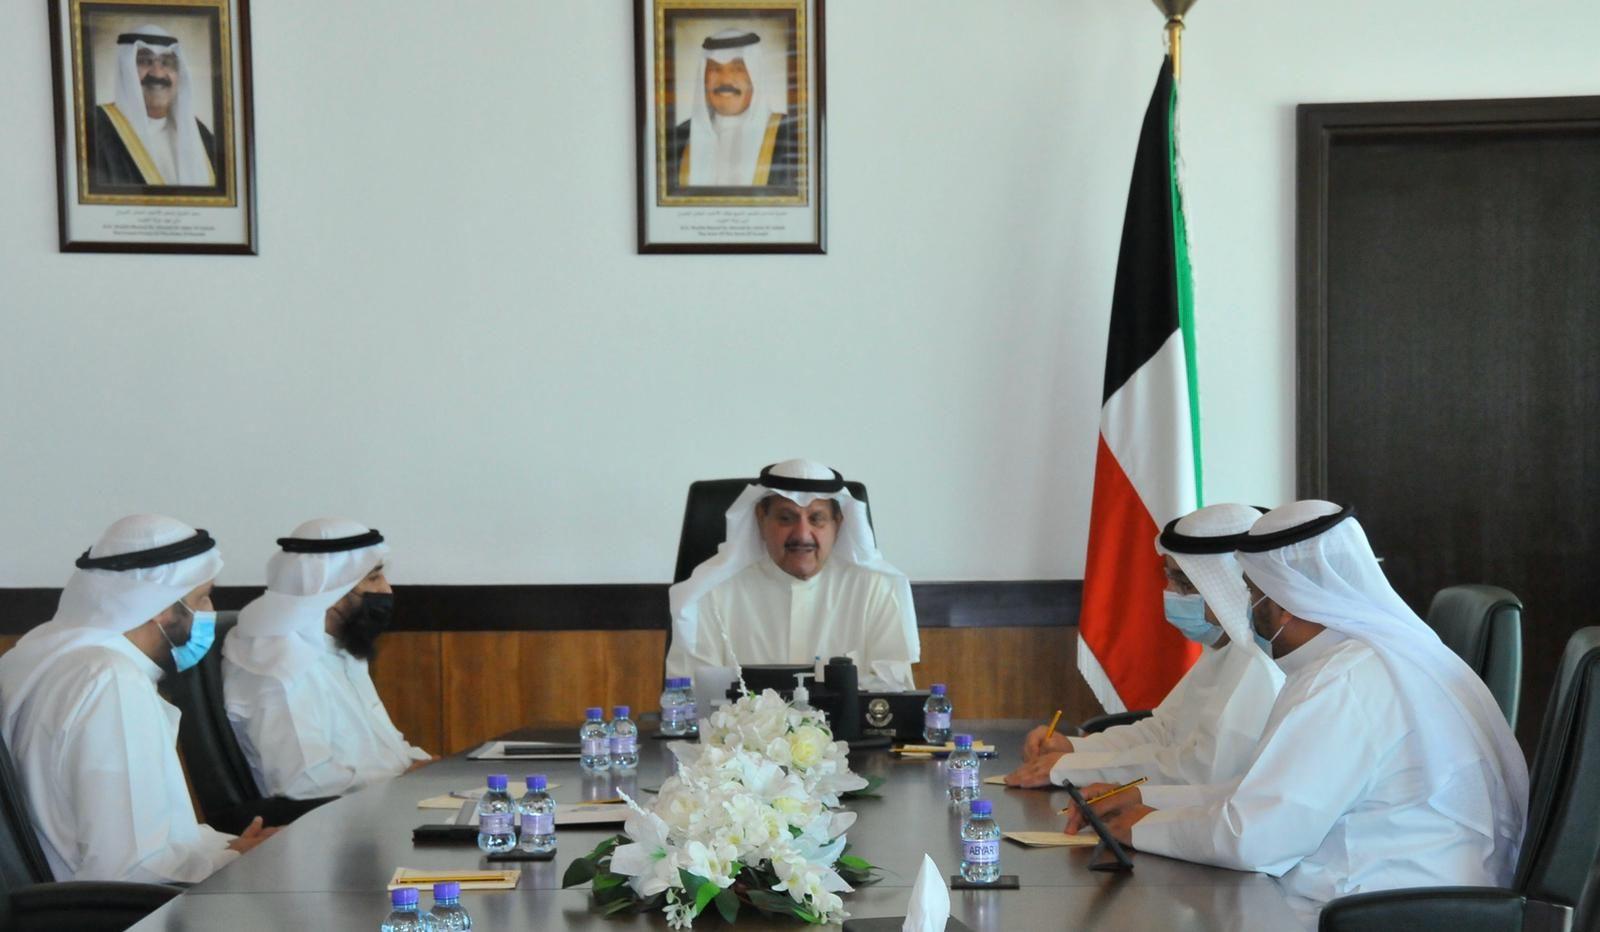 وزير الاوقاف عيسى الكندري يؤكد على ضرورة استمرار التعاون مع الأجهزة الرقابية